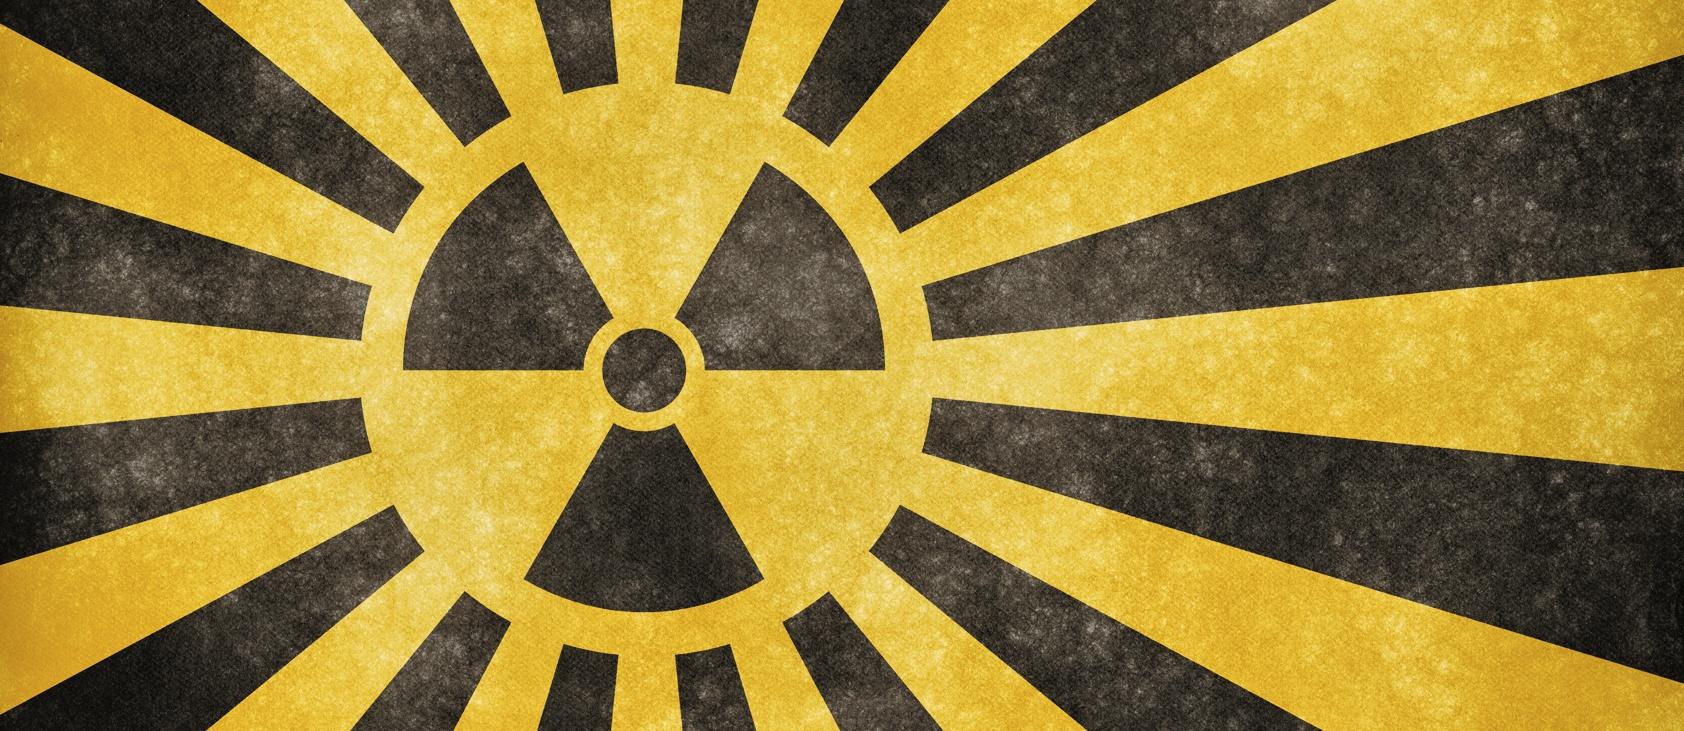 Fukushima and Radioactivity in Seafood